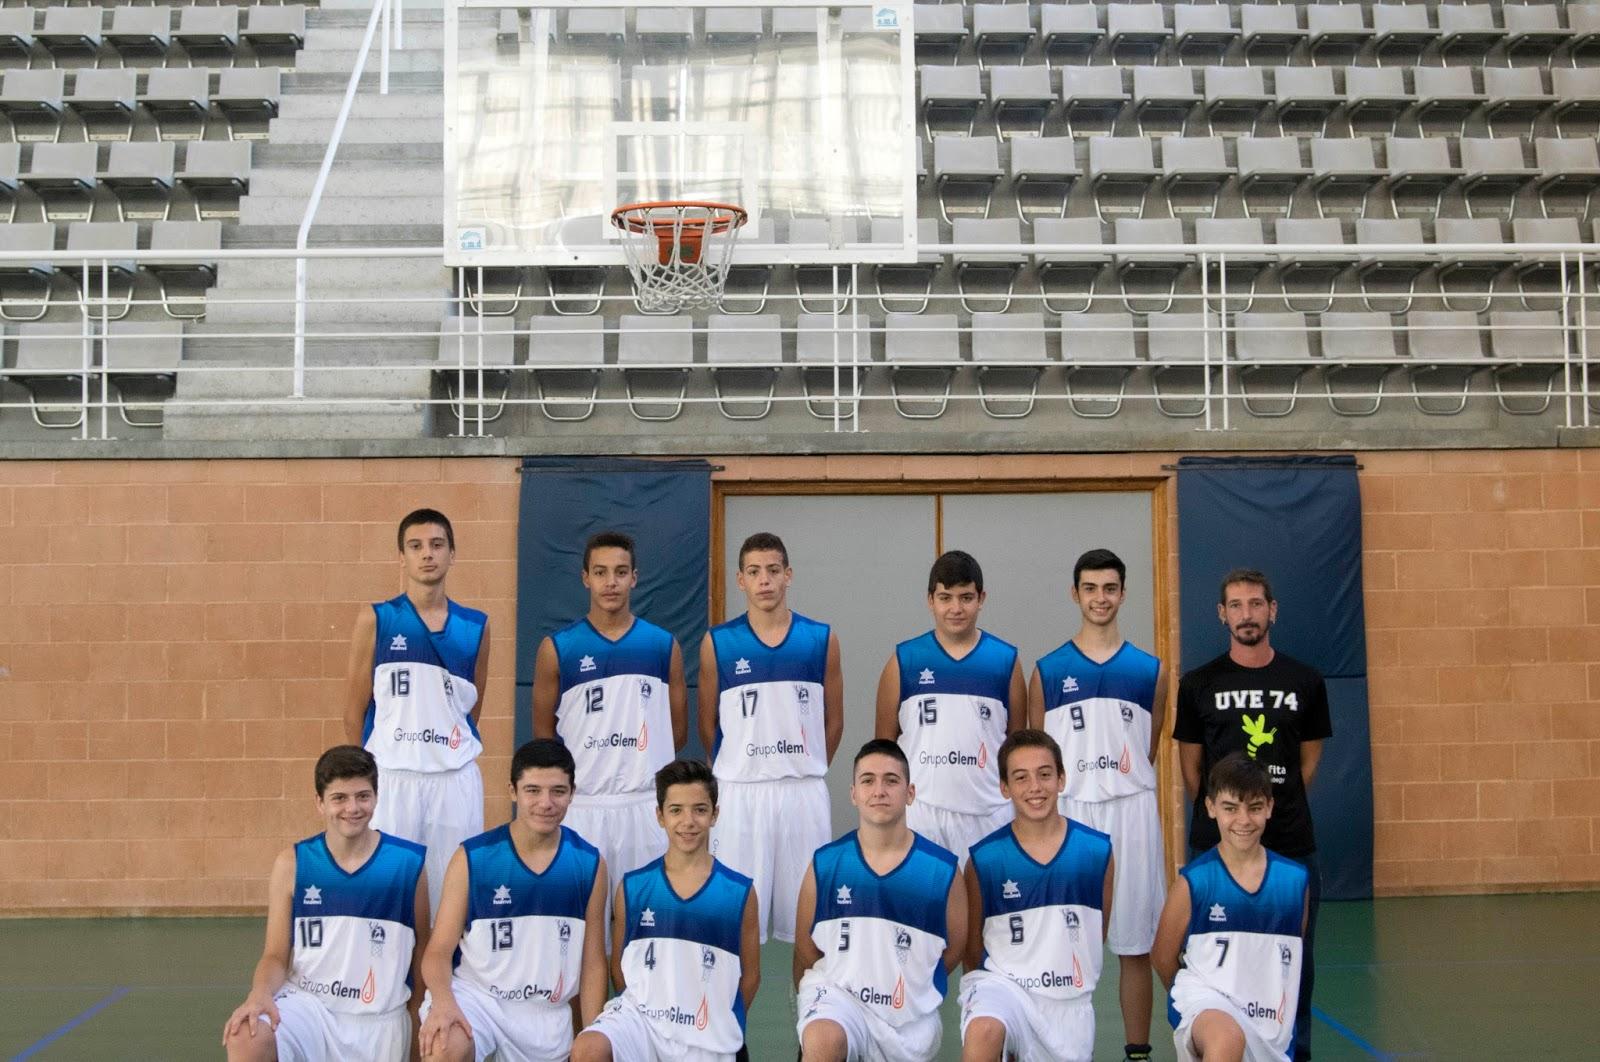 V-74 Club Baloncesto Villena: MEJORANDO CONCEPTOS